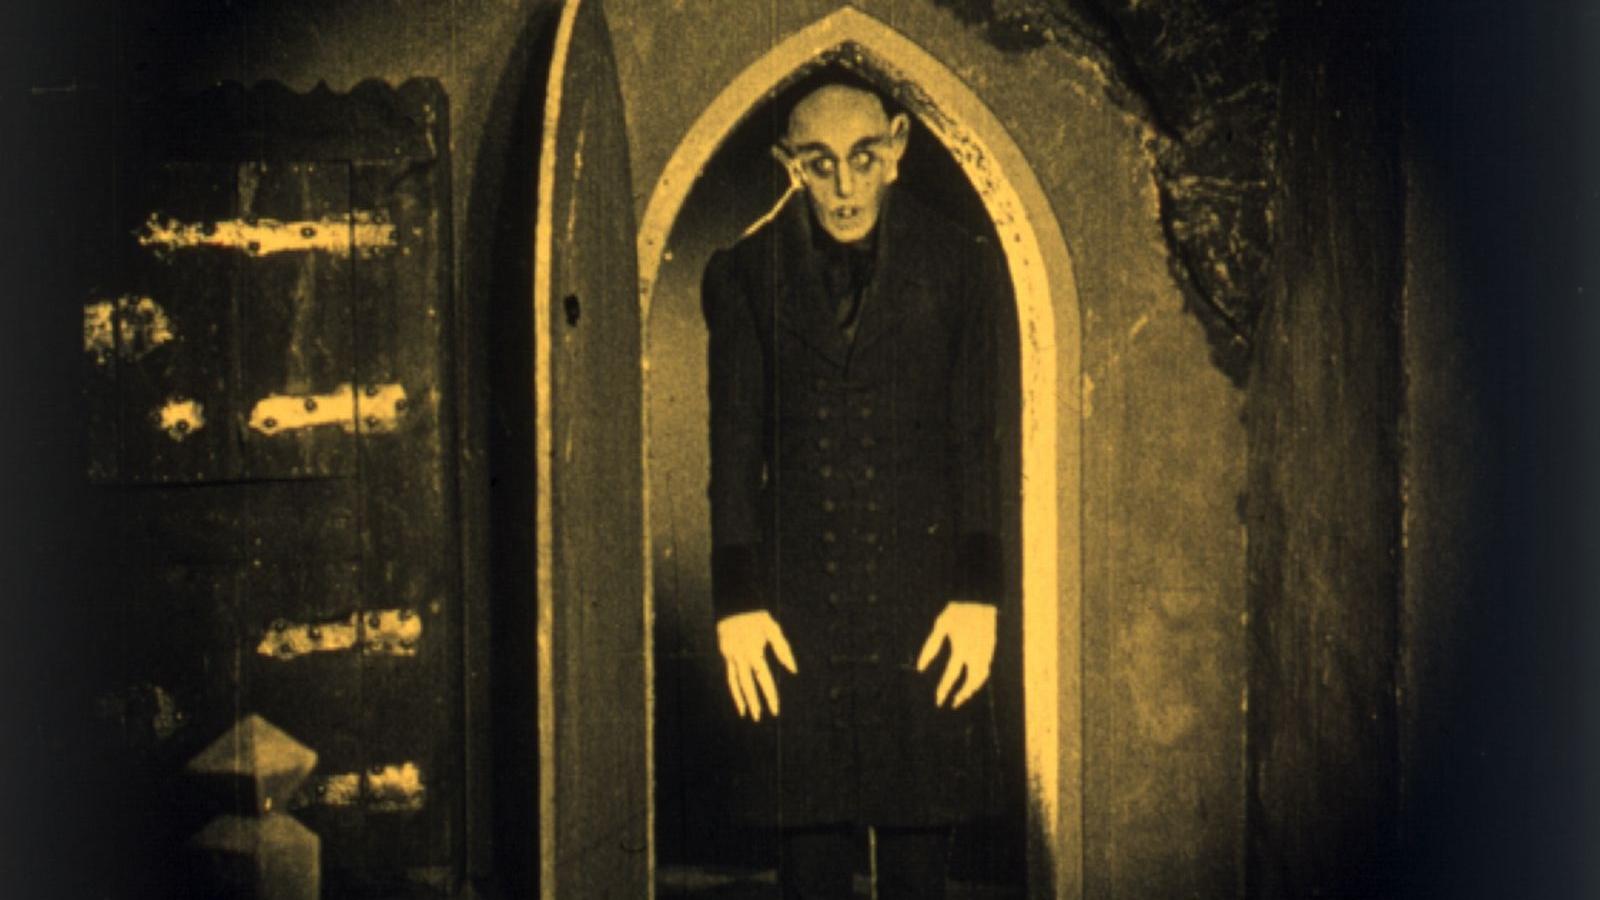 #11) Nosferatu - (1920 - dir. F. W. Murnau)